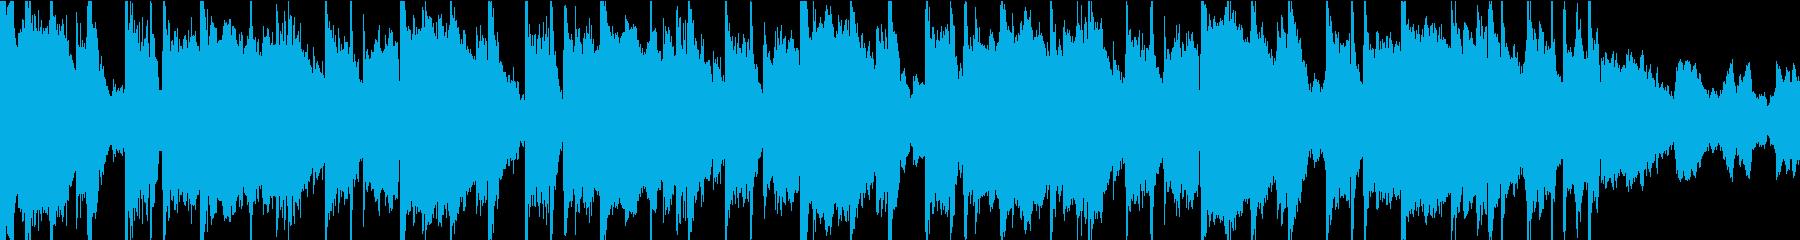 BGM_ダーク系_打ち込み系_ループの再生済みの波形